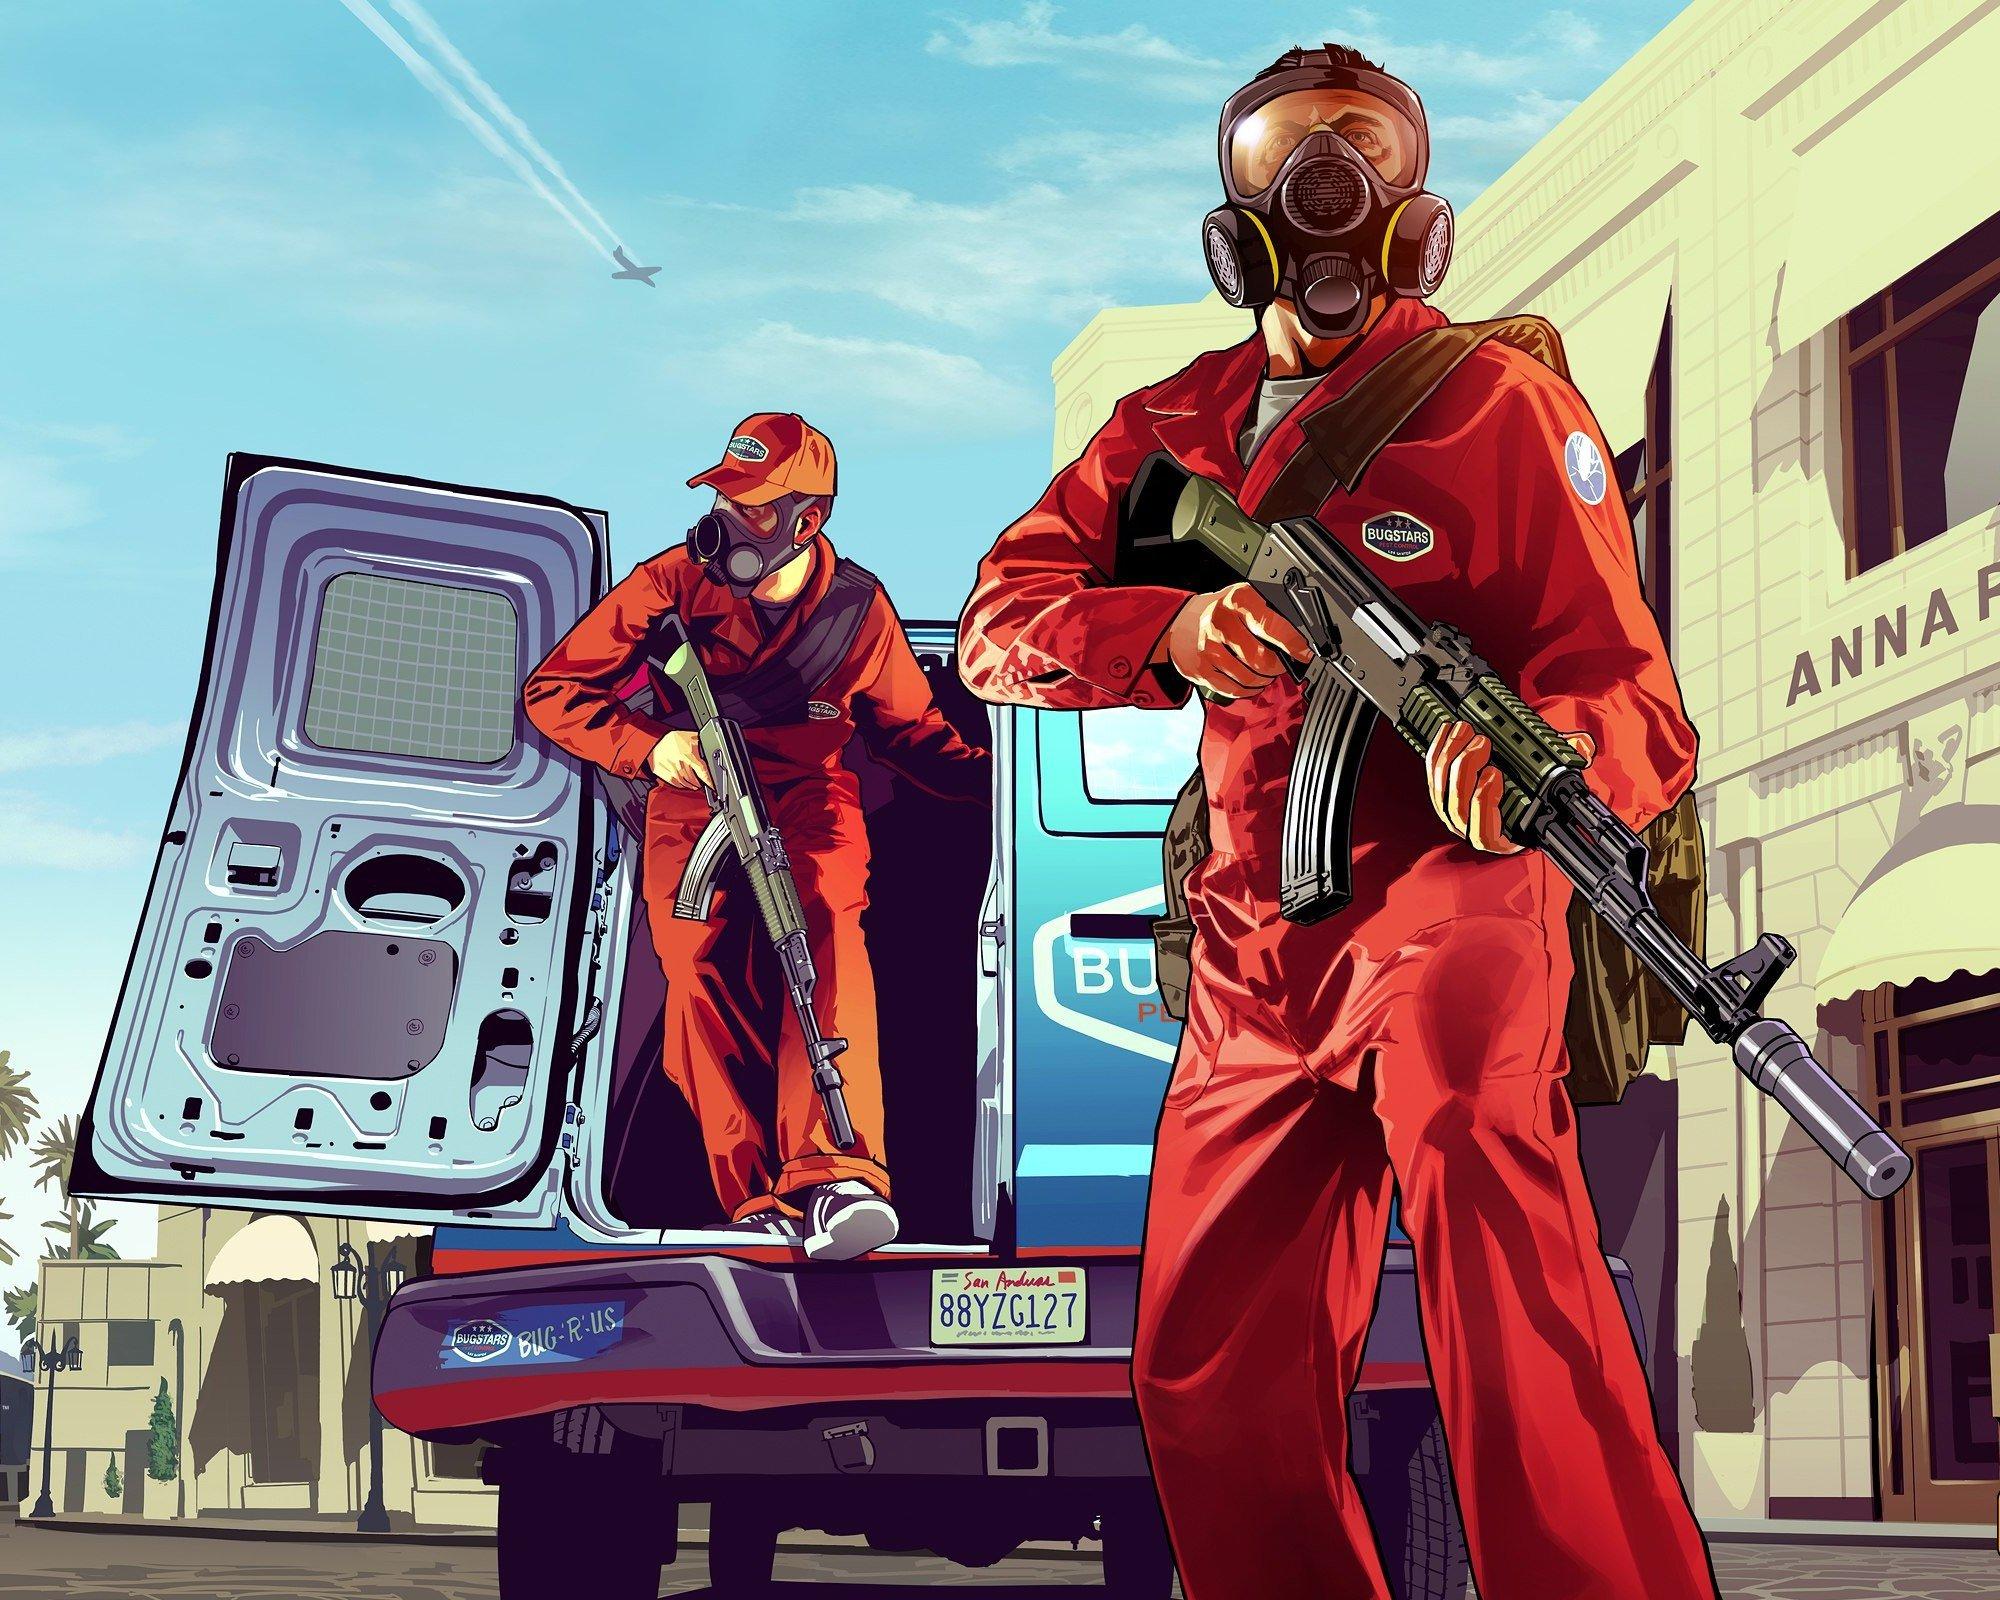 Да, героем, главного персонажа игры GTA 5 врятли можно назвать. Как и персонажей всех предыдущих частей, ведь это вс ... - Изображение 2